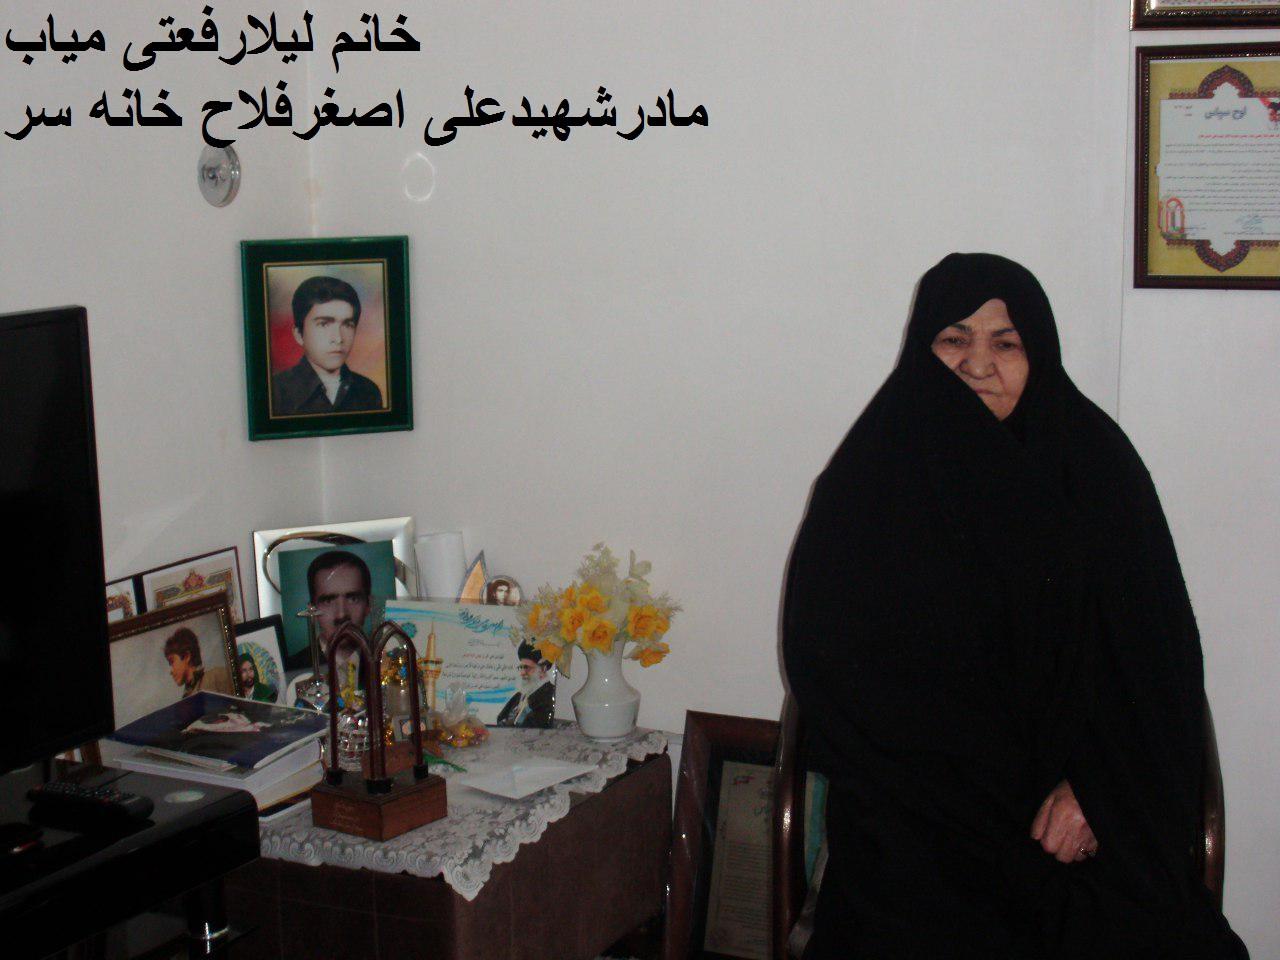 خانم لیلا رفعتی مادرشهیدعلی اصغرفلاح خانه سر